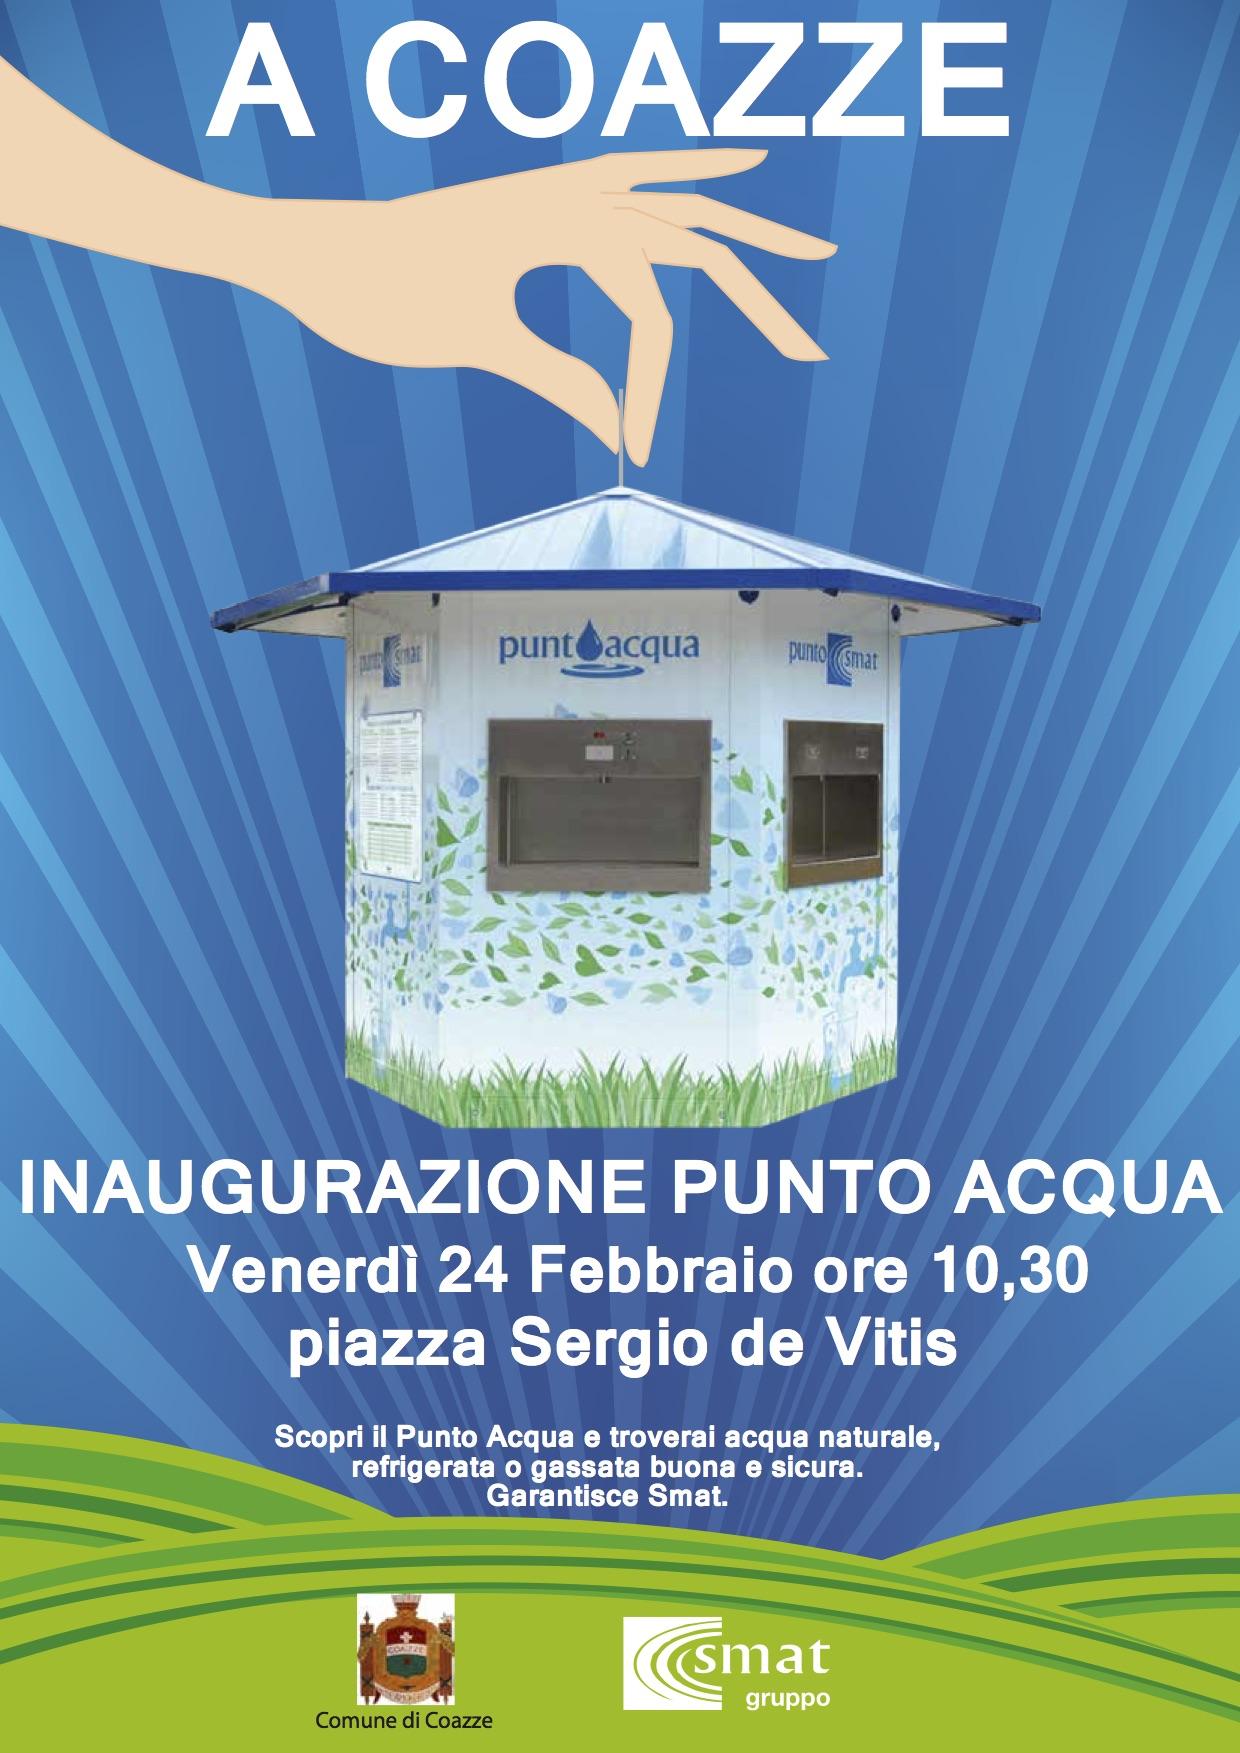 Inaugurazione punto acqua – venerdì 24 febbraio 2017